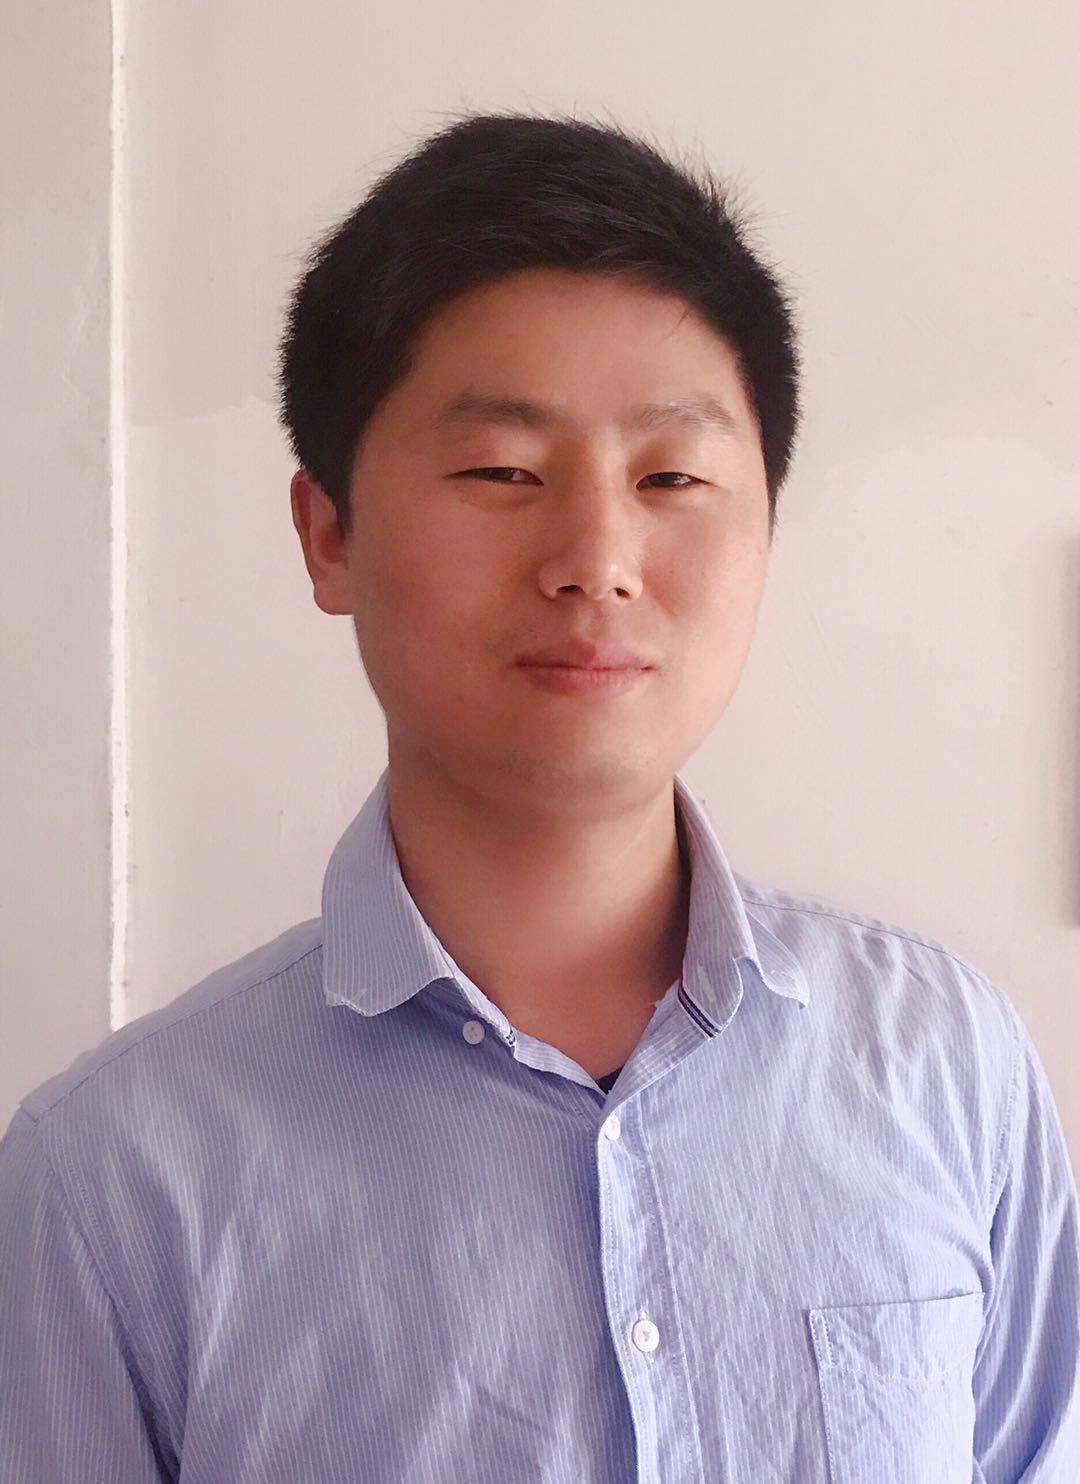 祝志茂 09级国际贸易实务专业 昆山有吖货运代理有限公司 法人代表.jpg